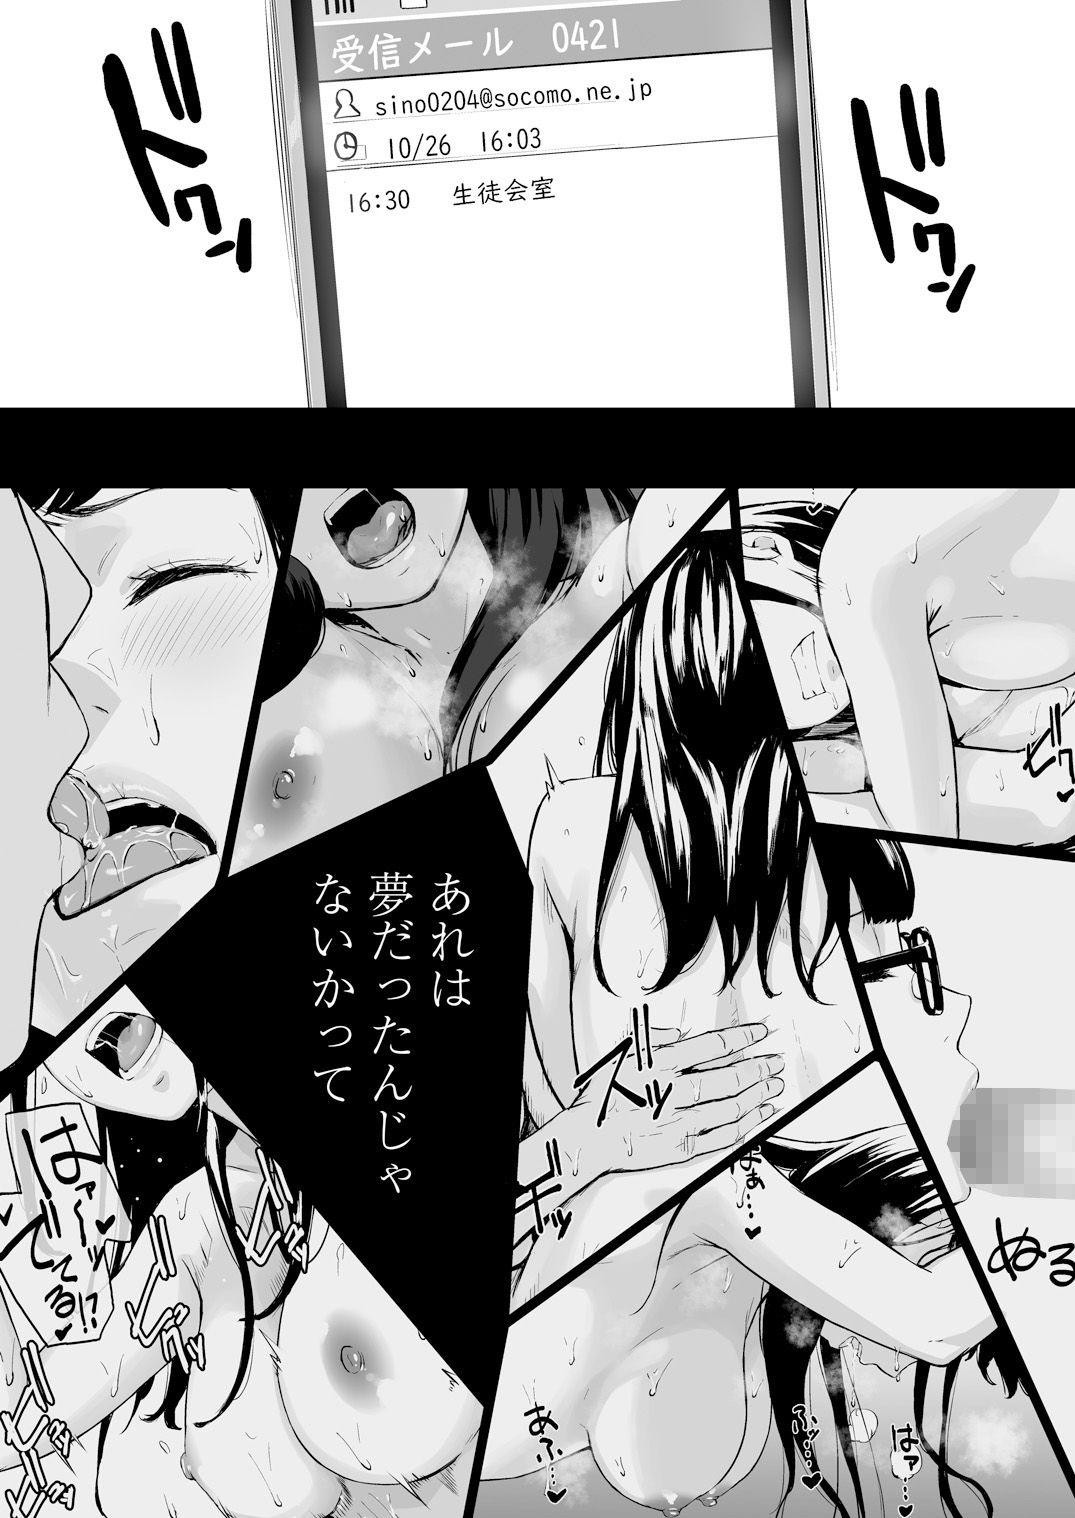 [三崎 (田スケ)] オキナグサ 狂咲 サンプル画像 03